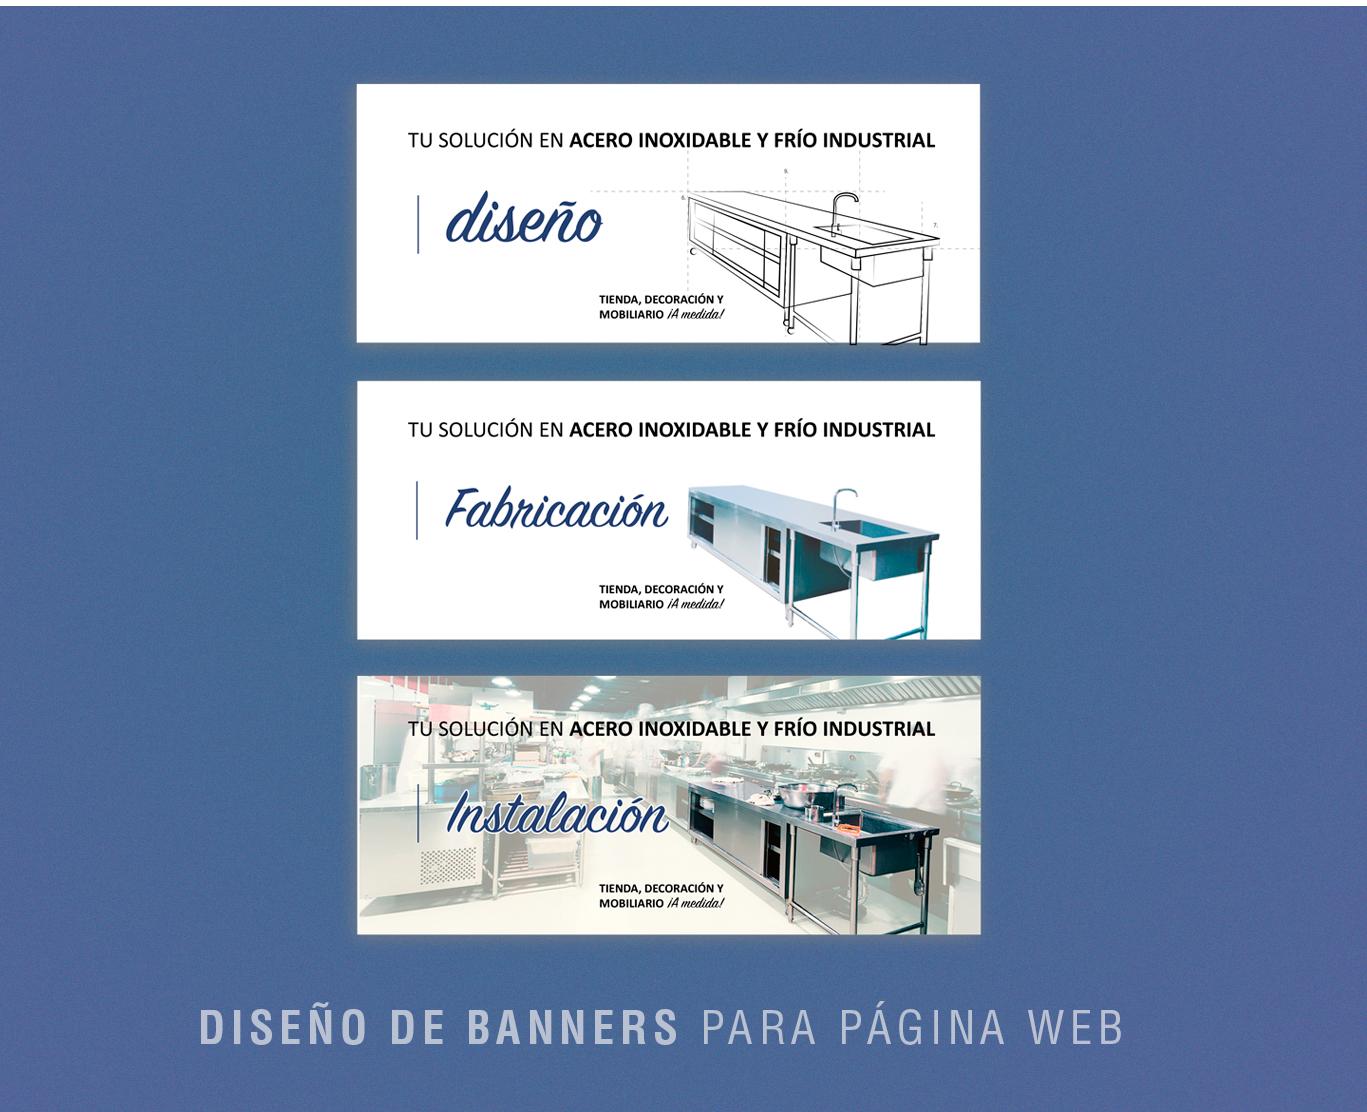 Diseño web y diseño banners página web para empresa Inoxfrio